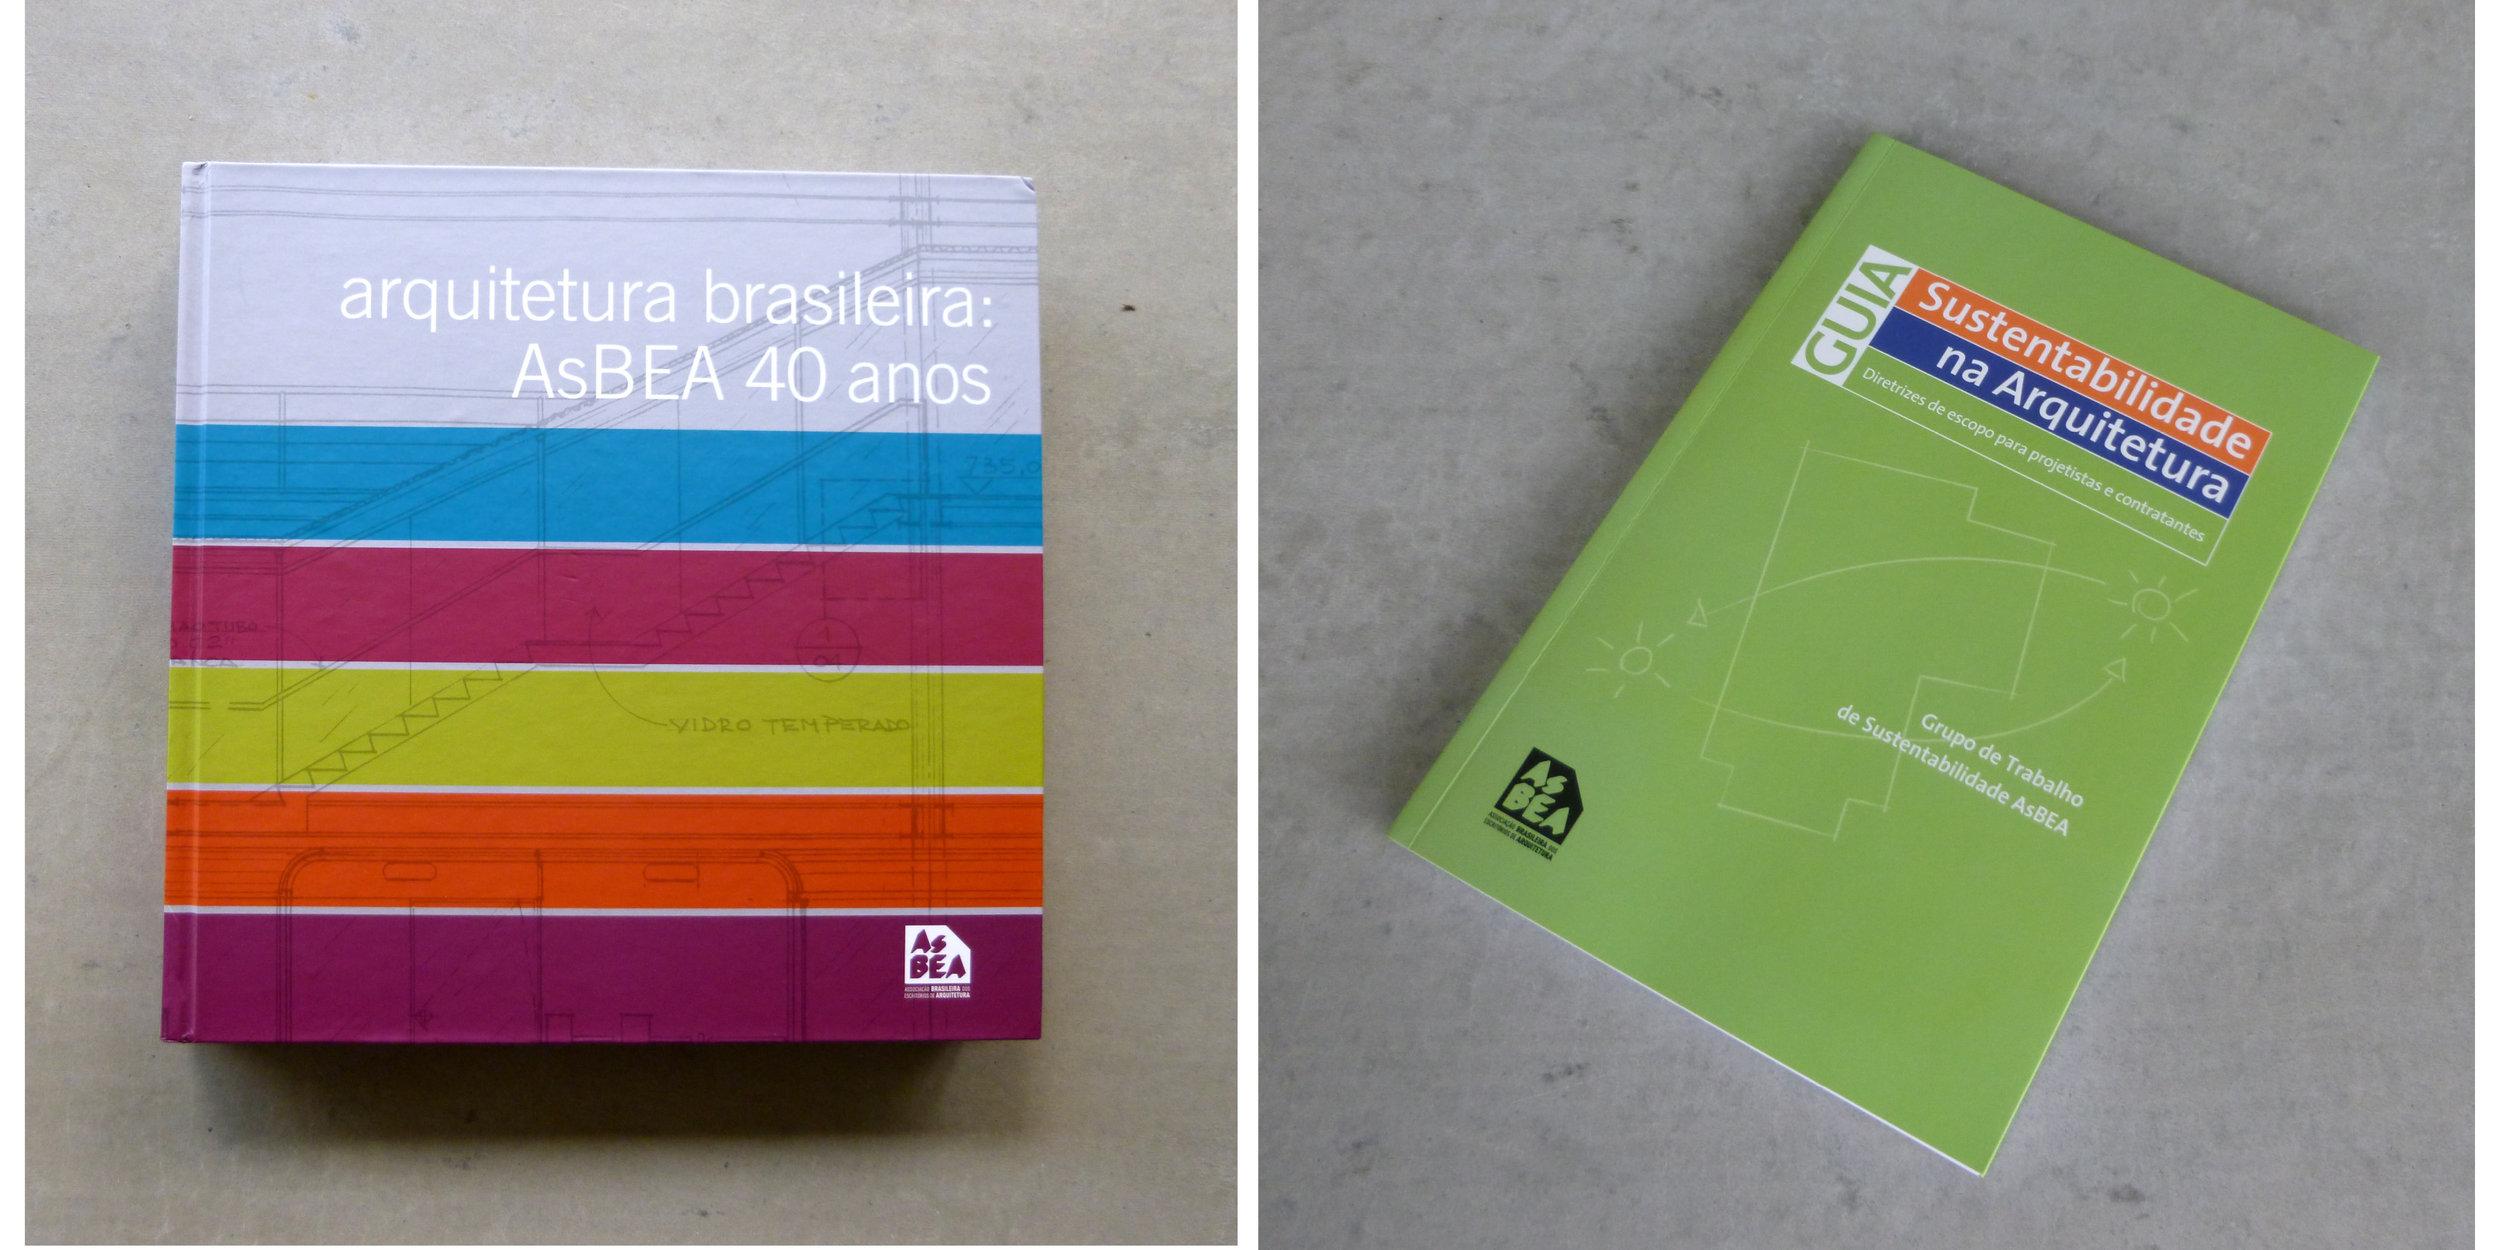 carrossel_jornais,livros,revistas-10.jpg